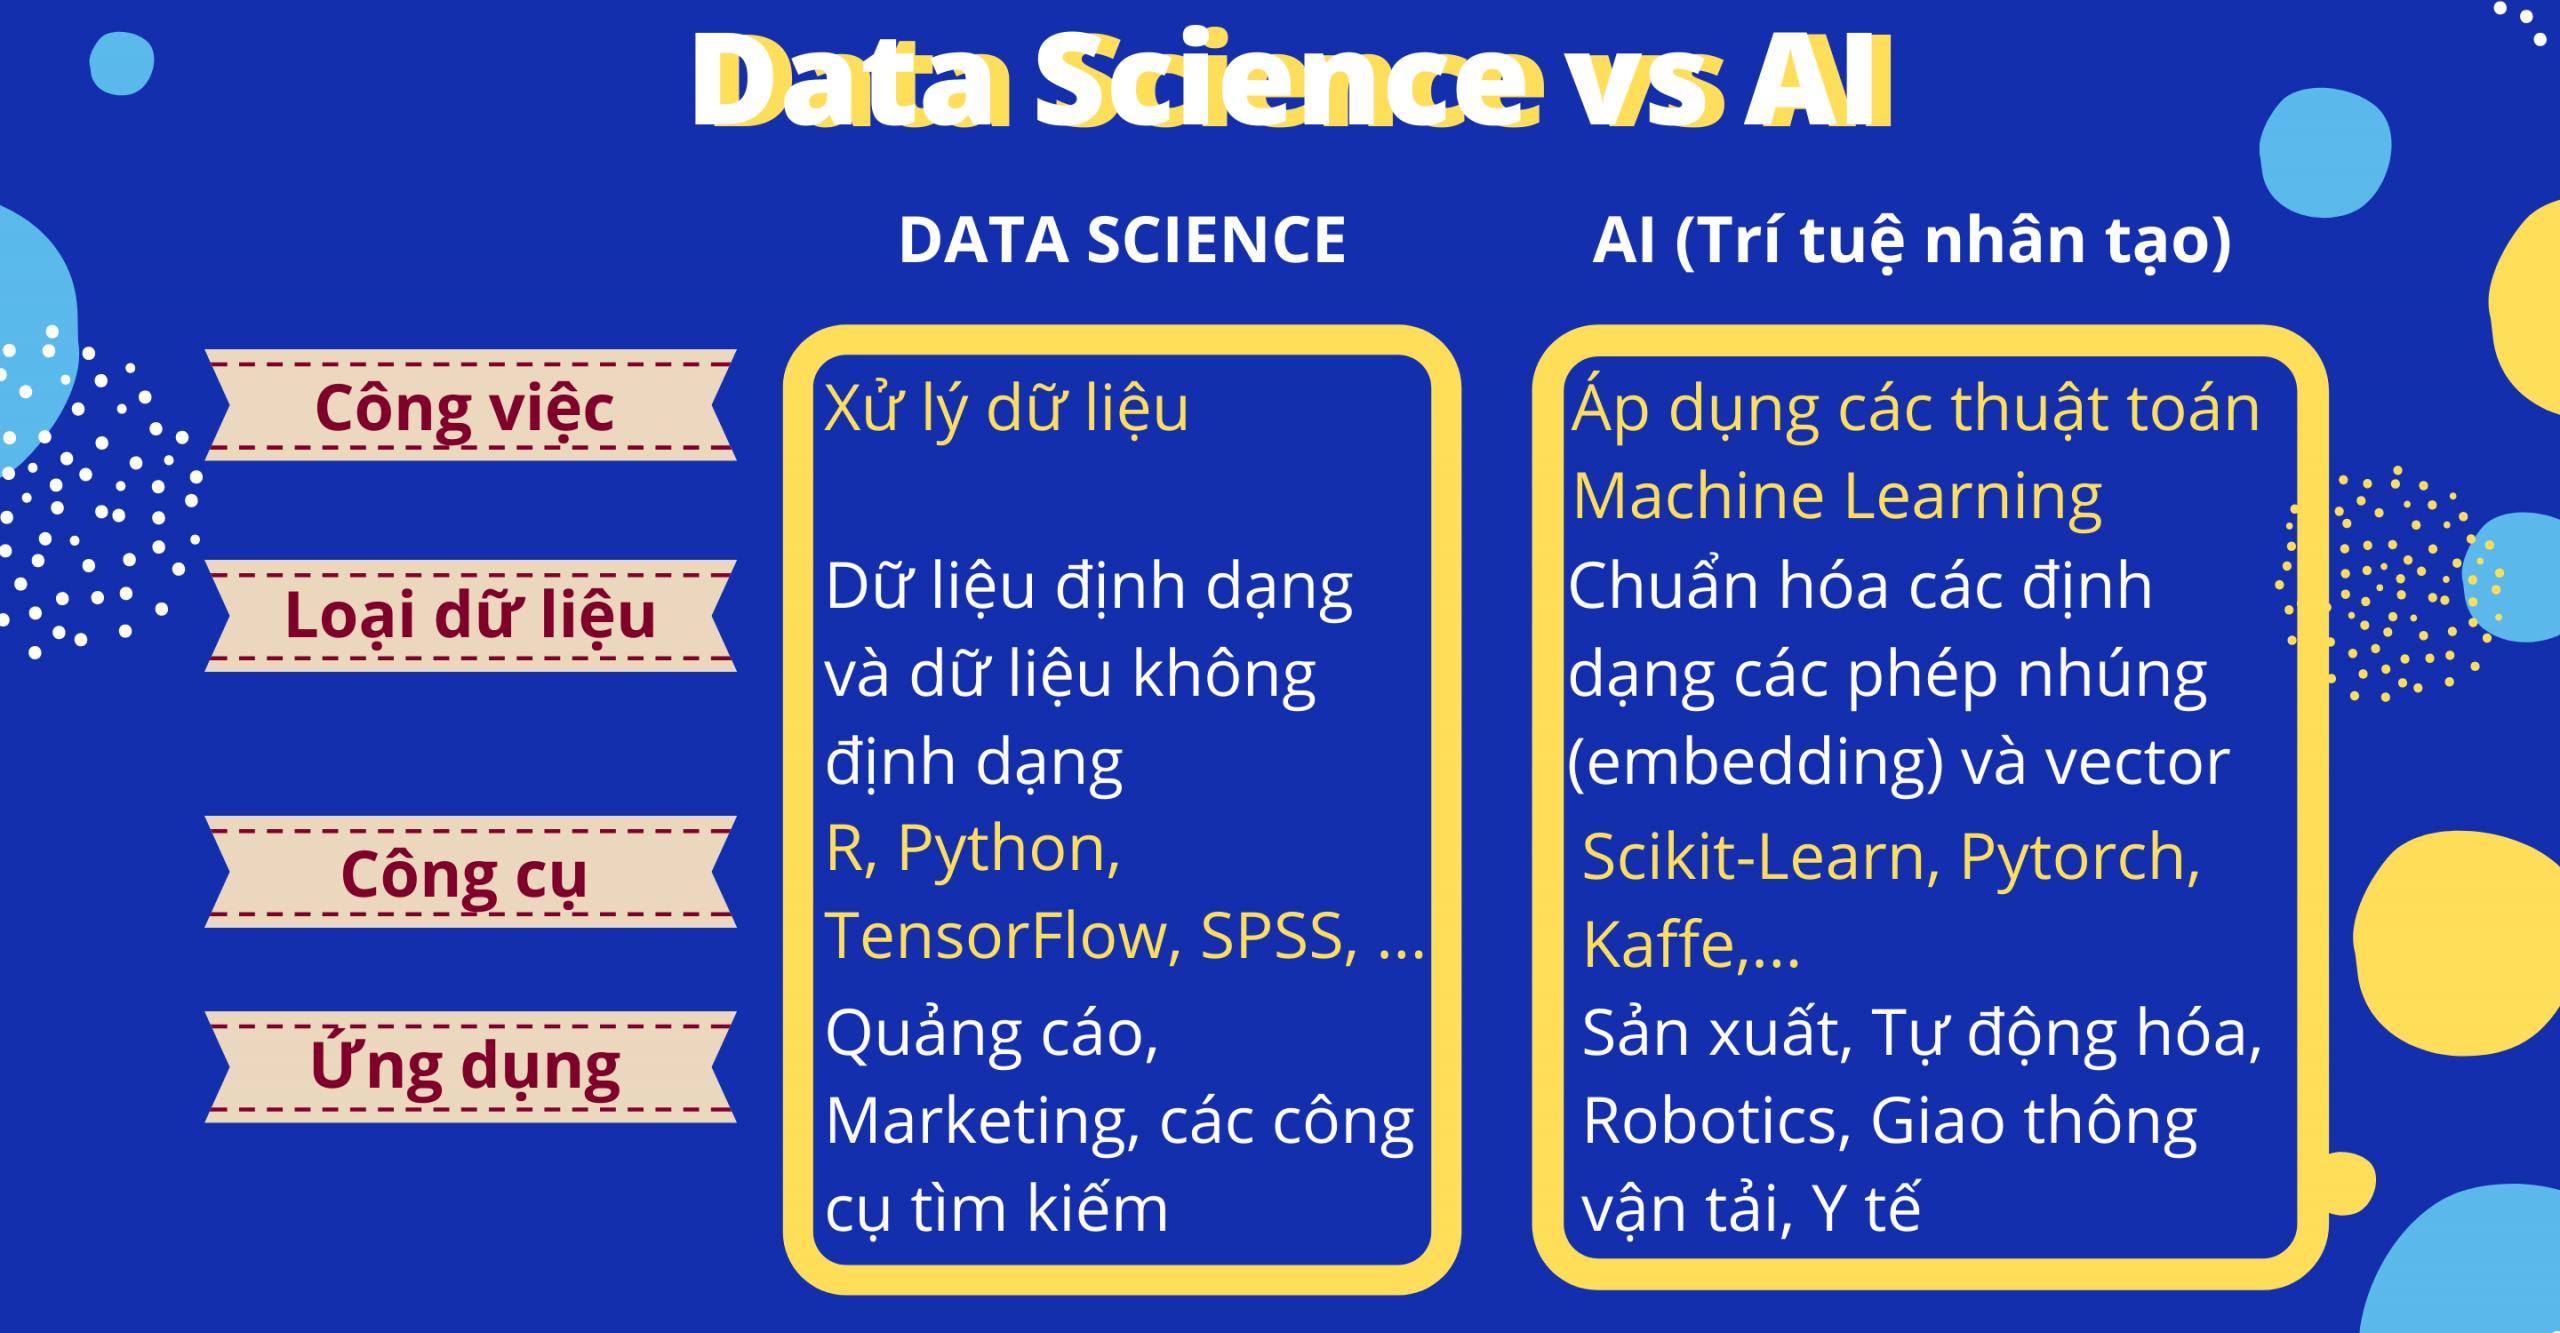 VienISB_Data-Science-va-AI-1